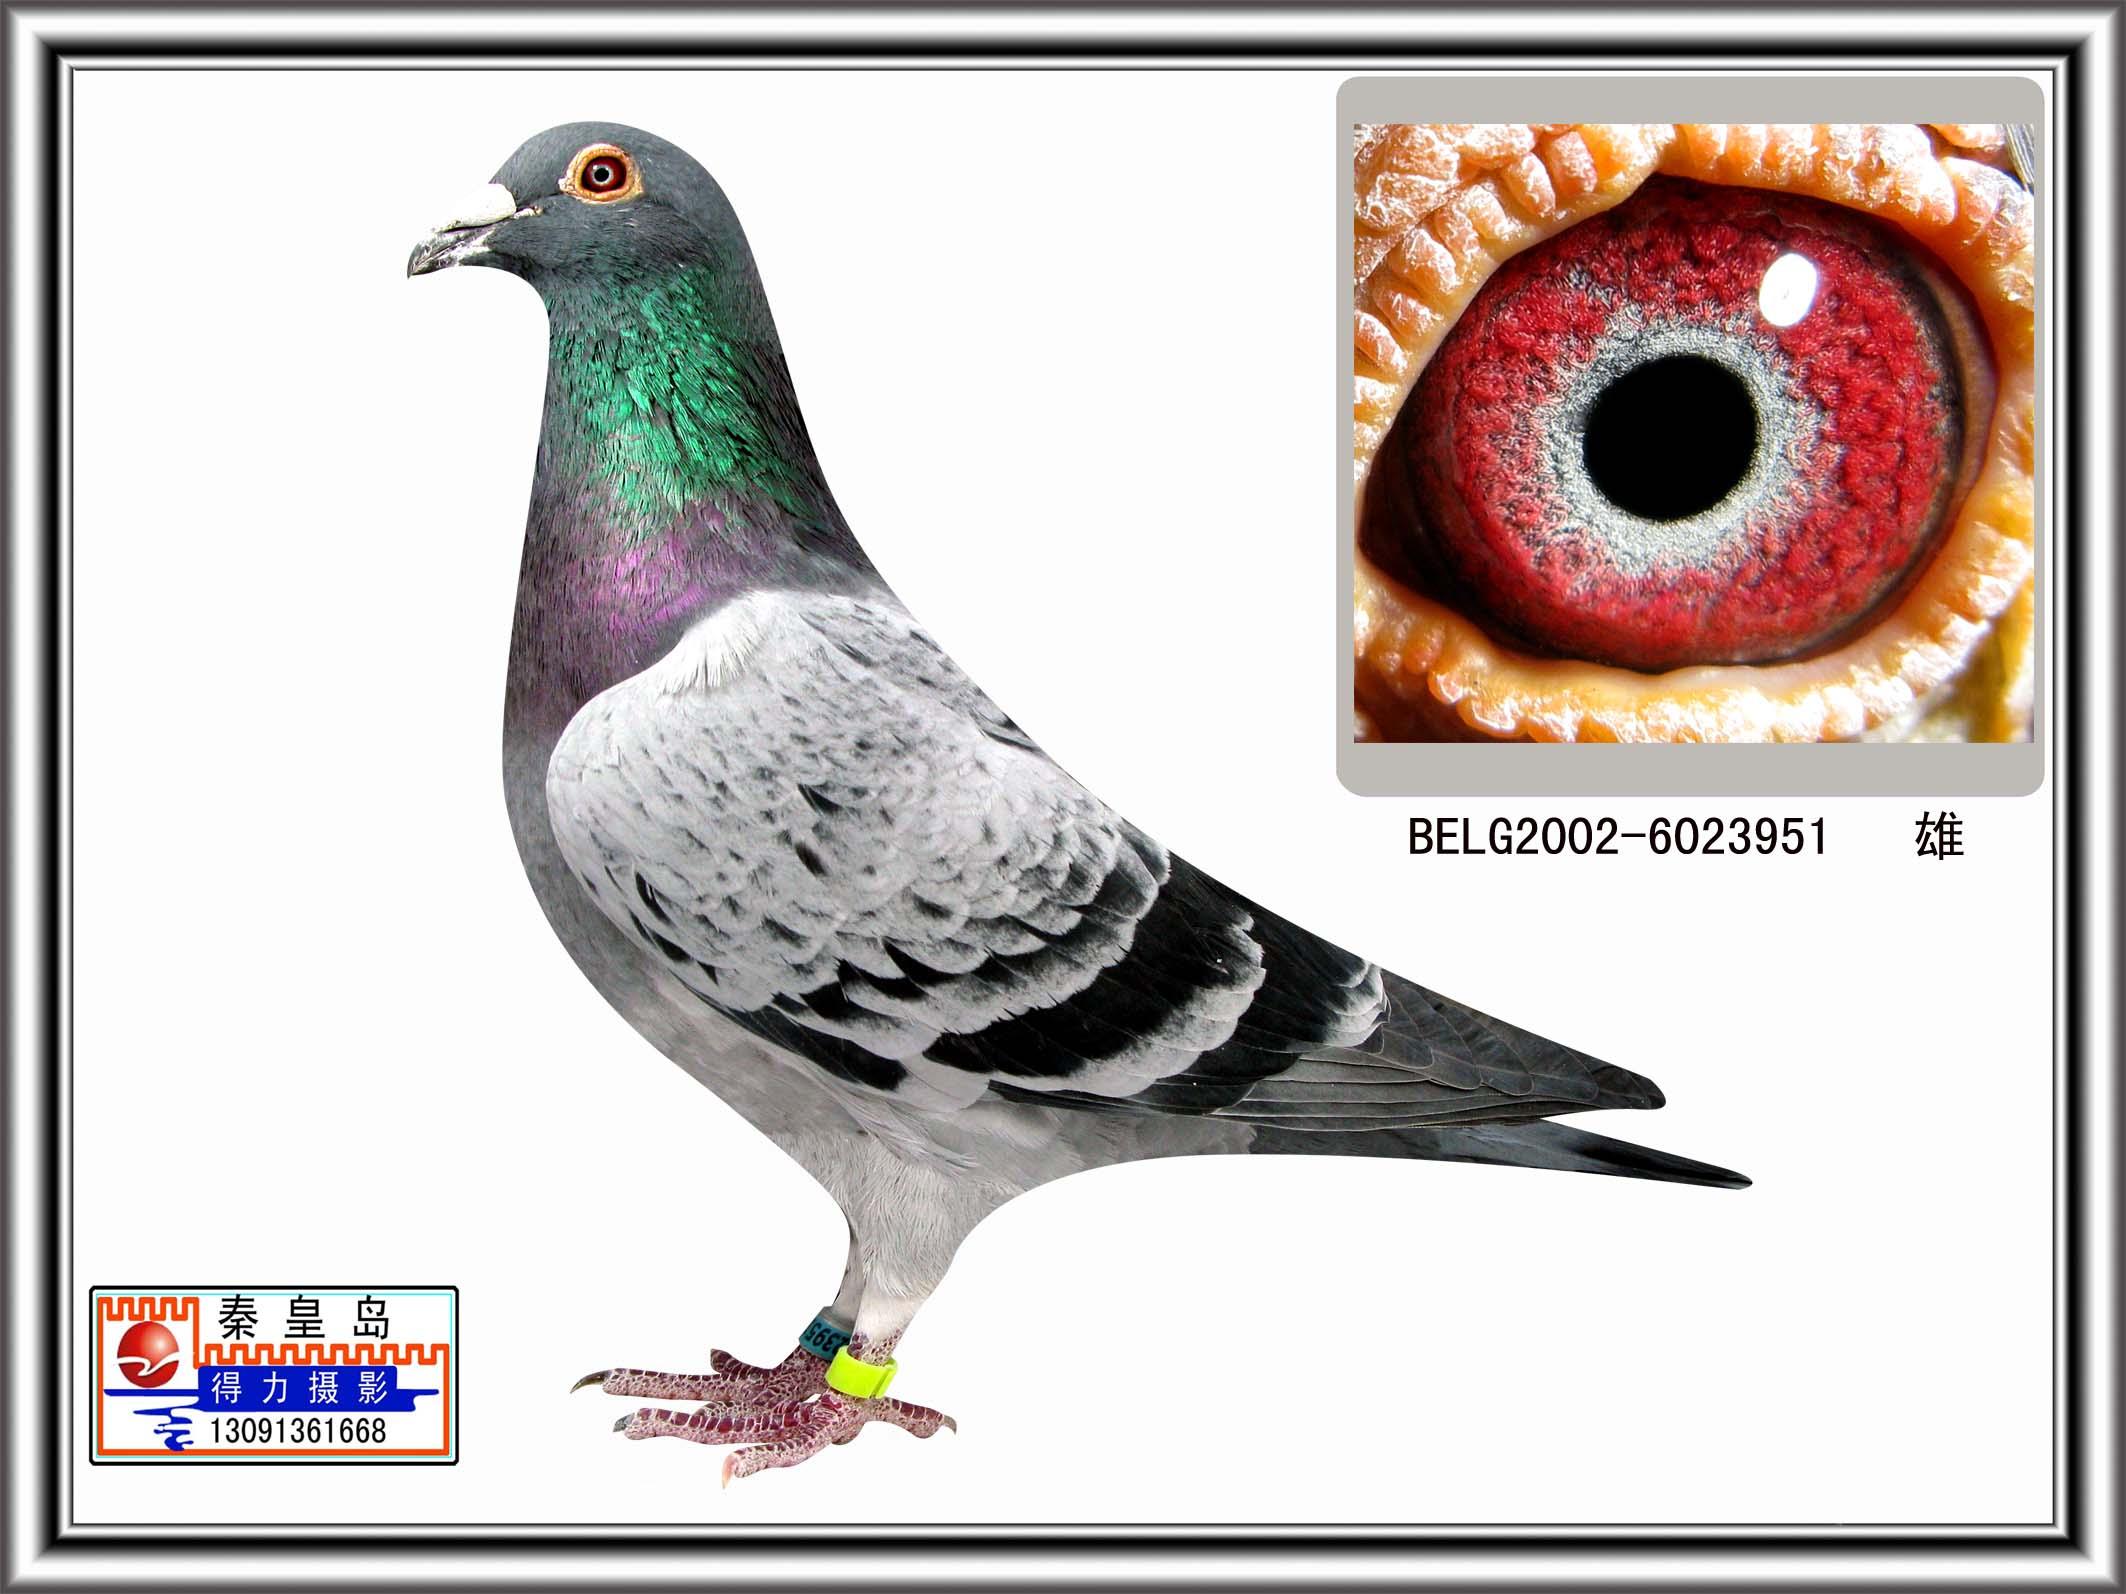 信鸽特征-电脑戈马利四冠王